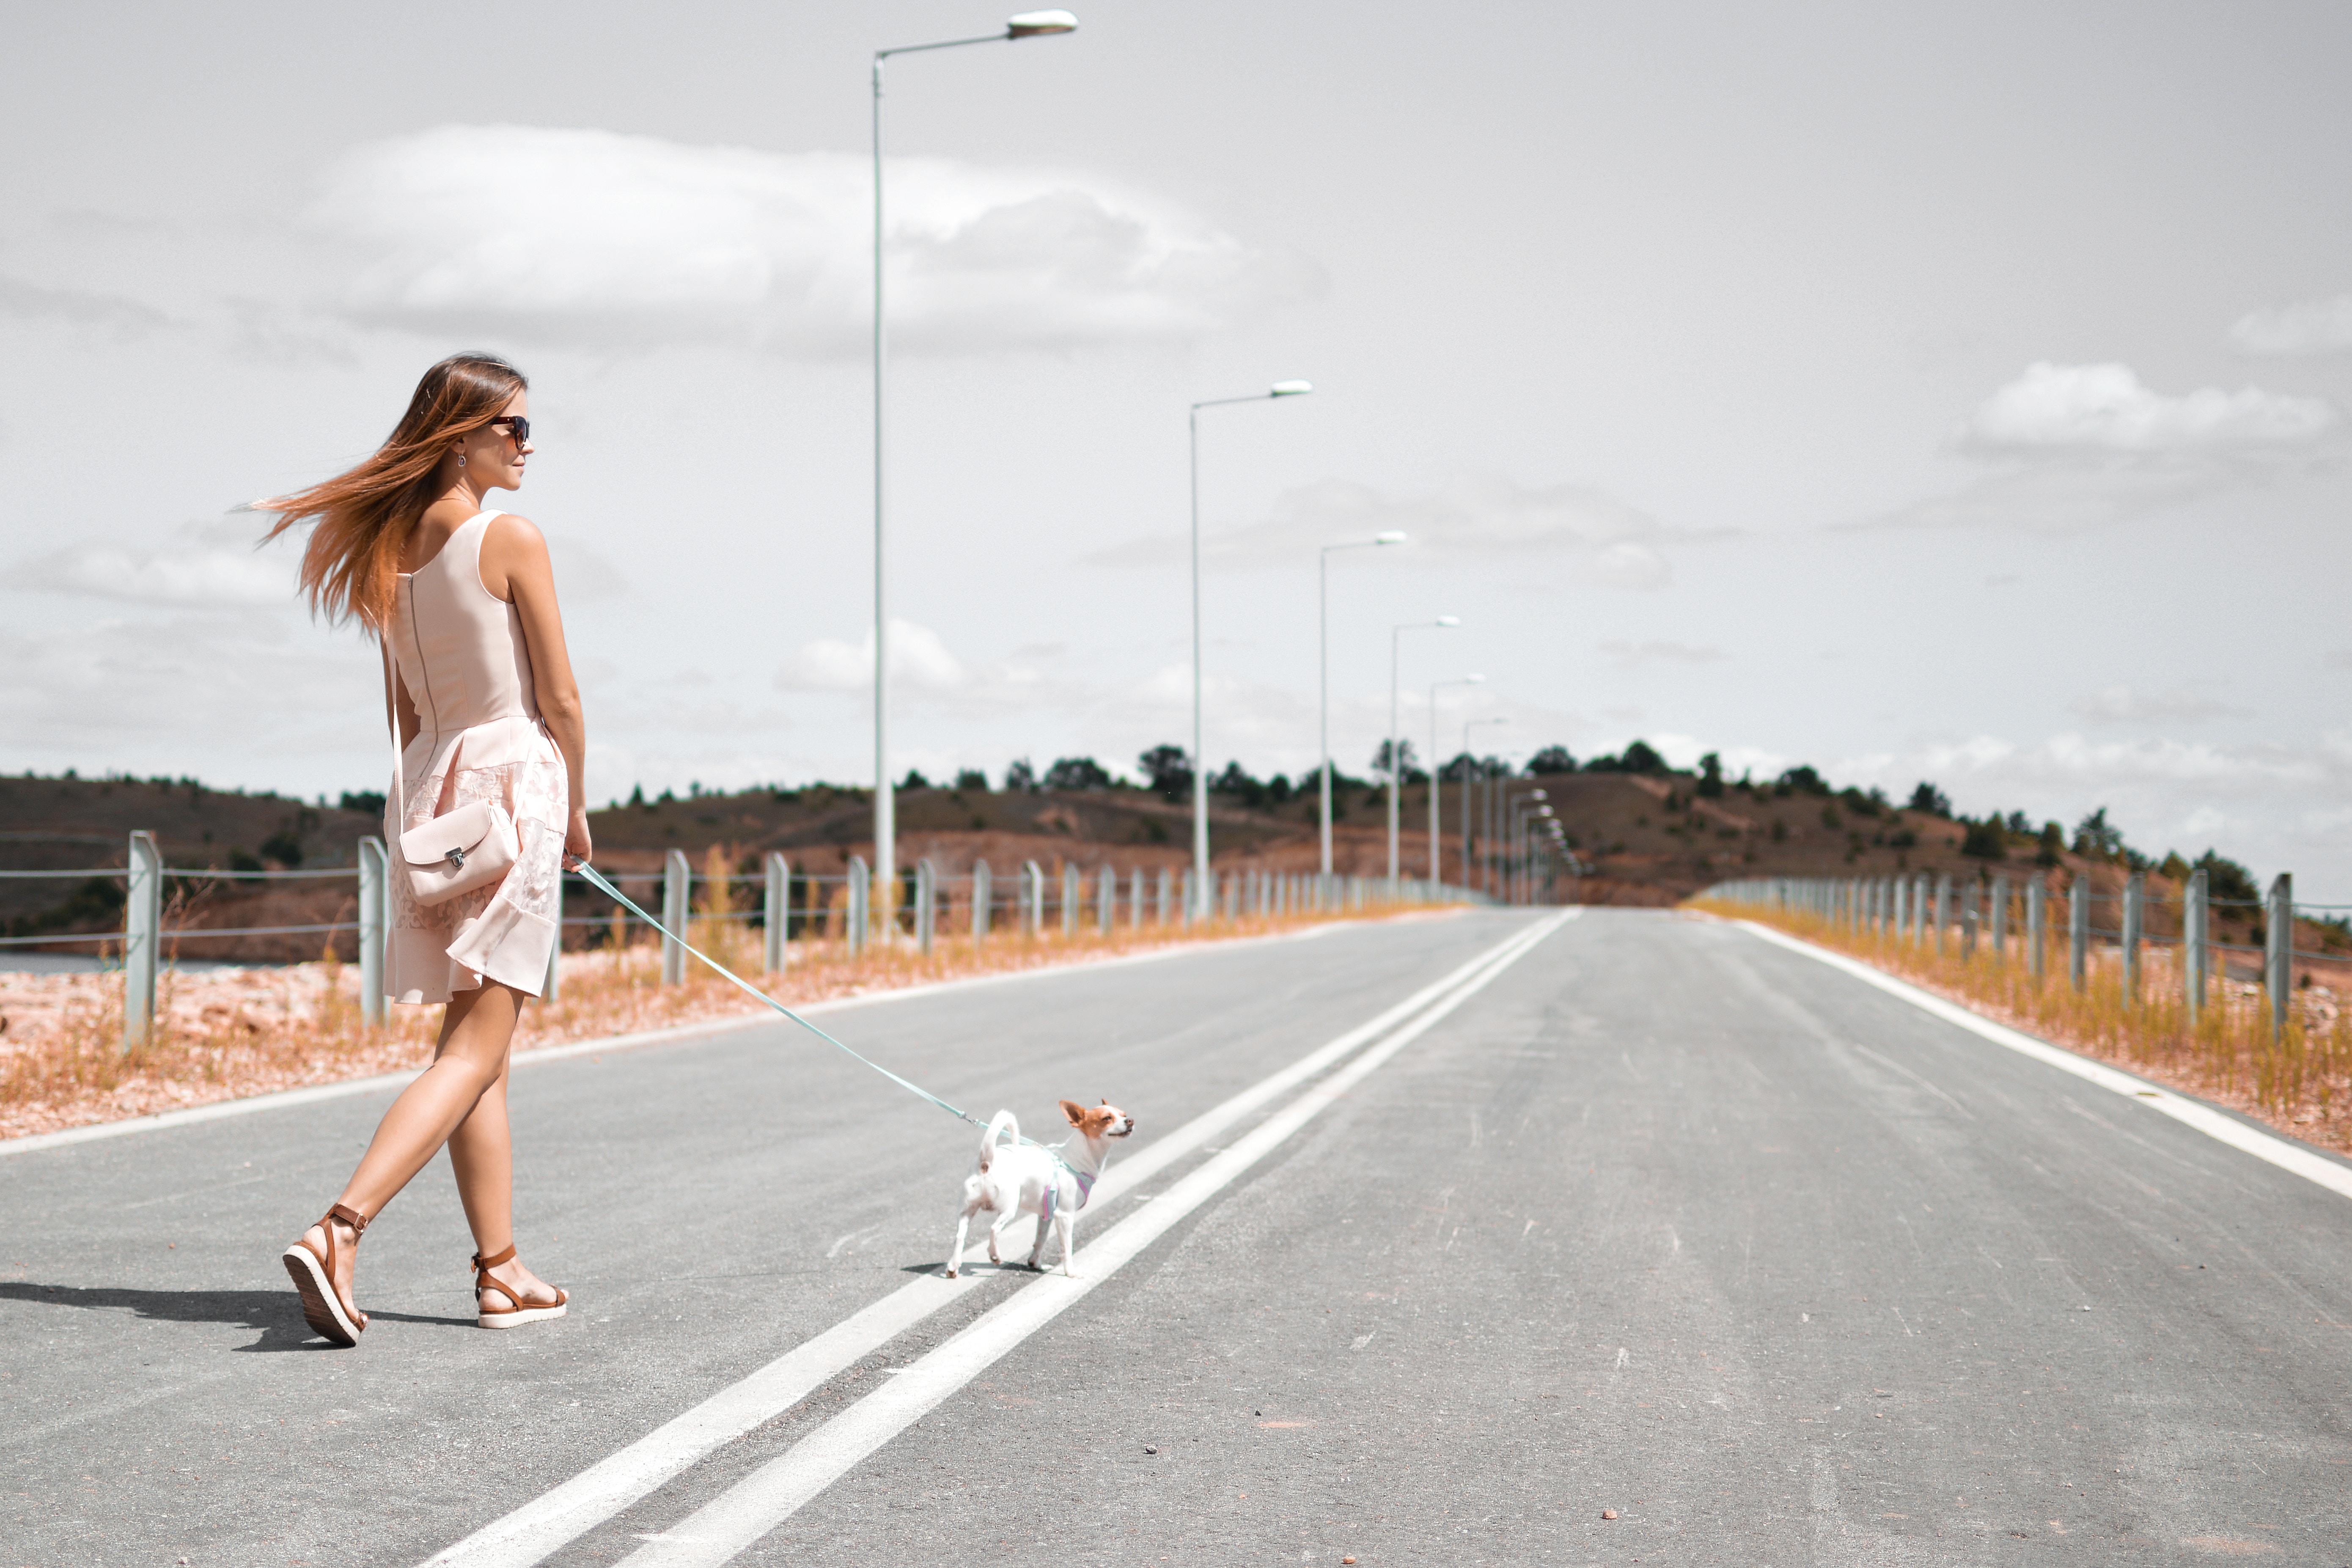 道路を散歩する女性と犬